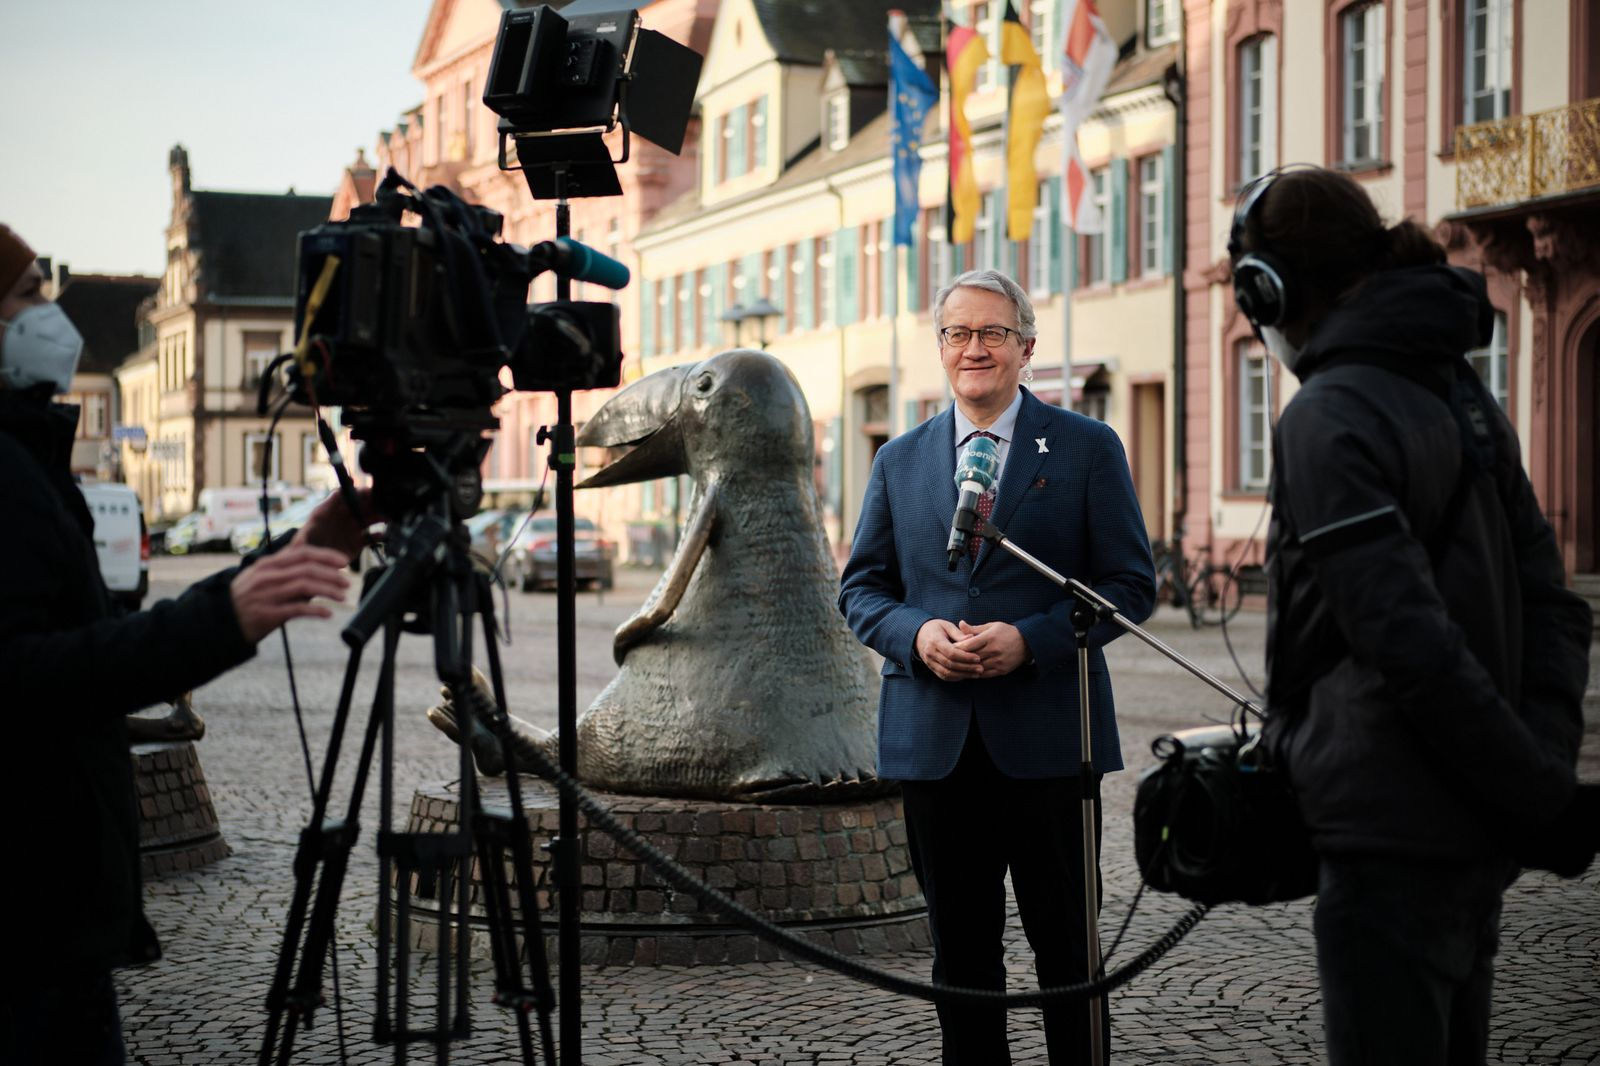 21-02-18_MatthiasKatsch_Interview_Phoenix_SPD_©AndreasHeideker_007